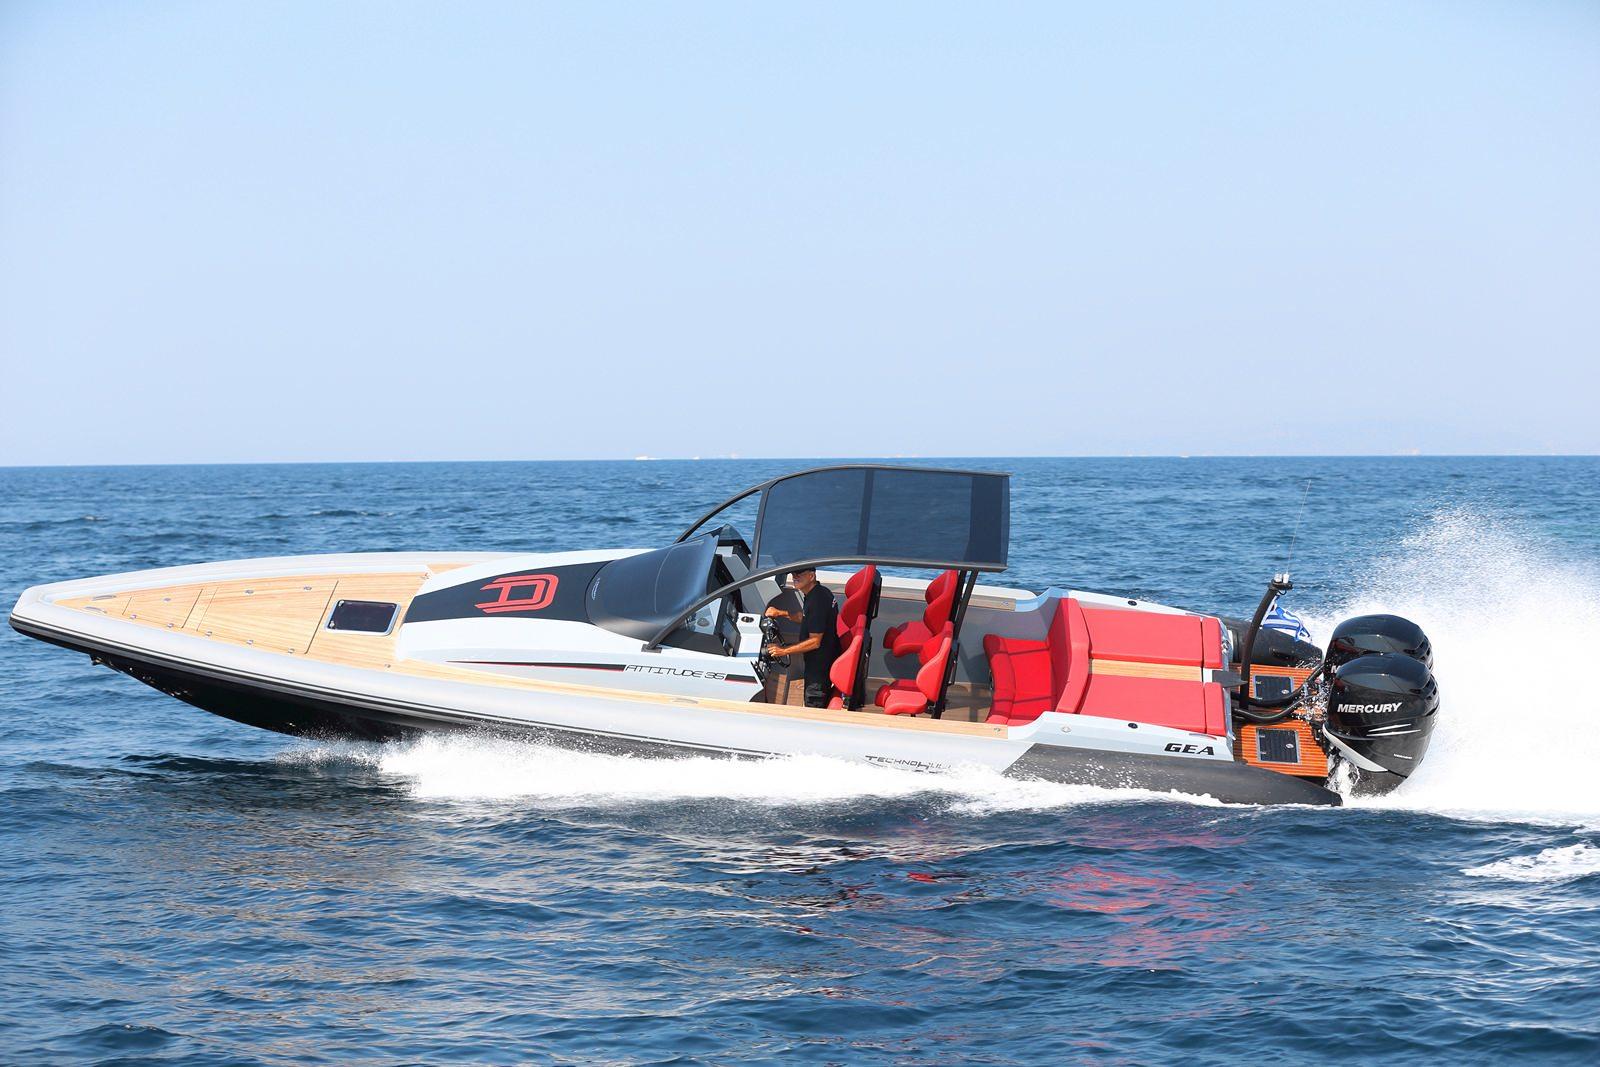 סירות חצי קשיחות - Technohull - סטרים יאכטות - סירות ויאכטות למכירה